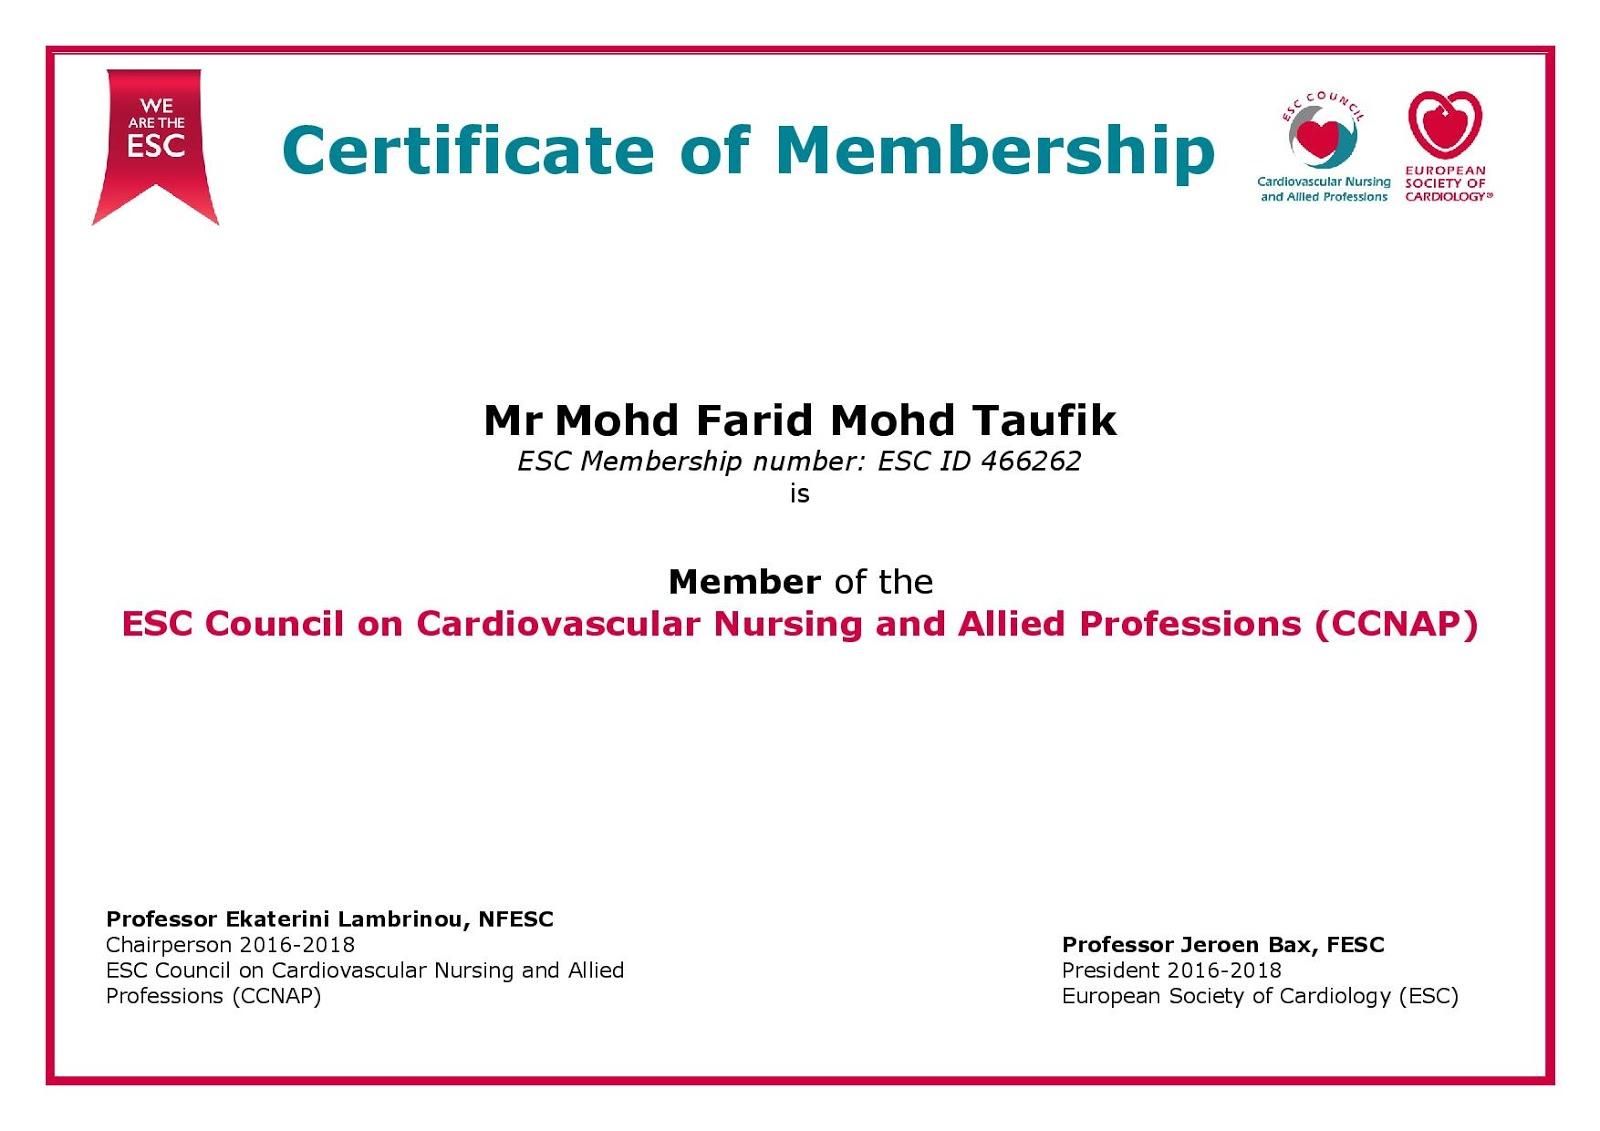 Cvt Mohd Farid My European Society Of Cardiology Sub Society 2017